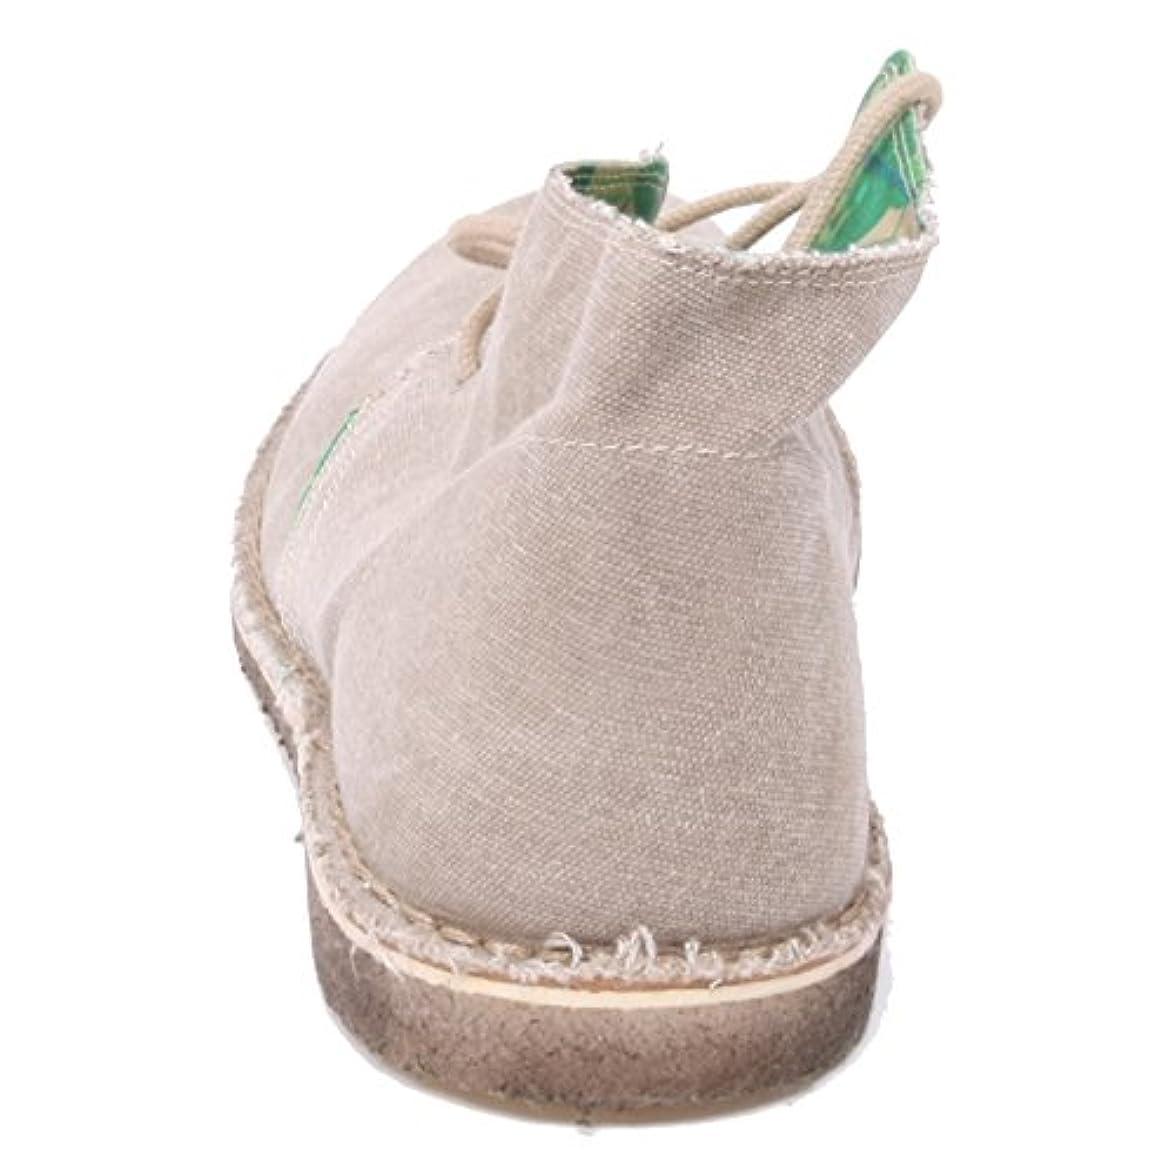 B3014 Polacchino Donna Lecrown Desert Boots Scarpa Beige Shoe Woman